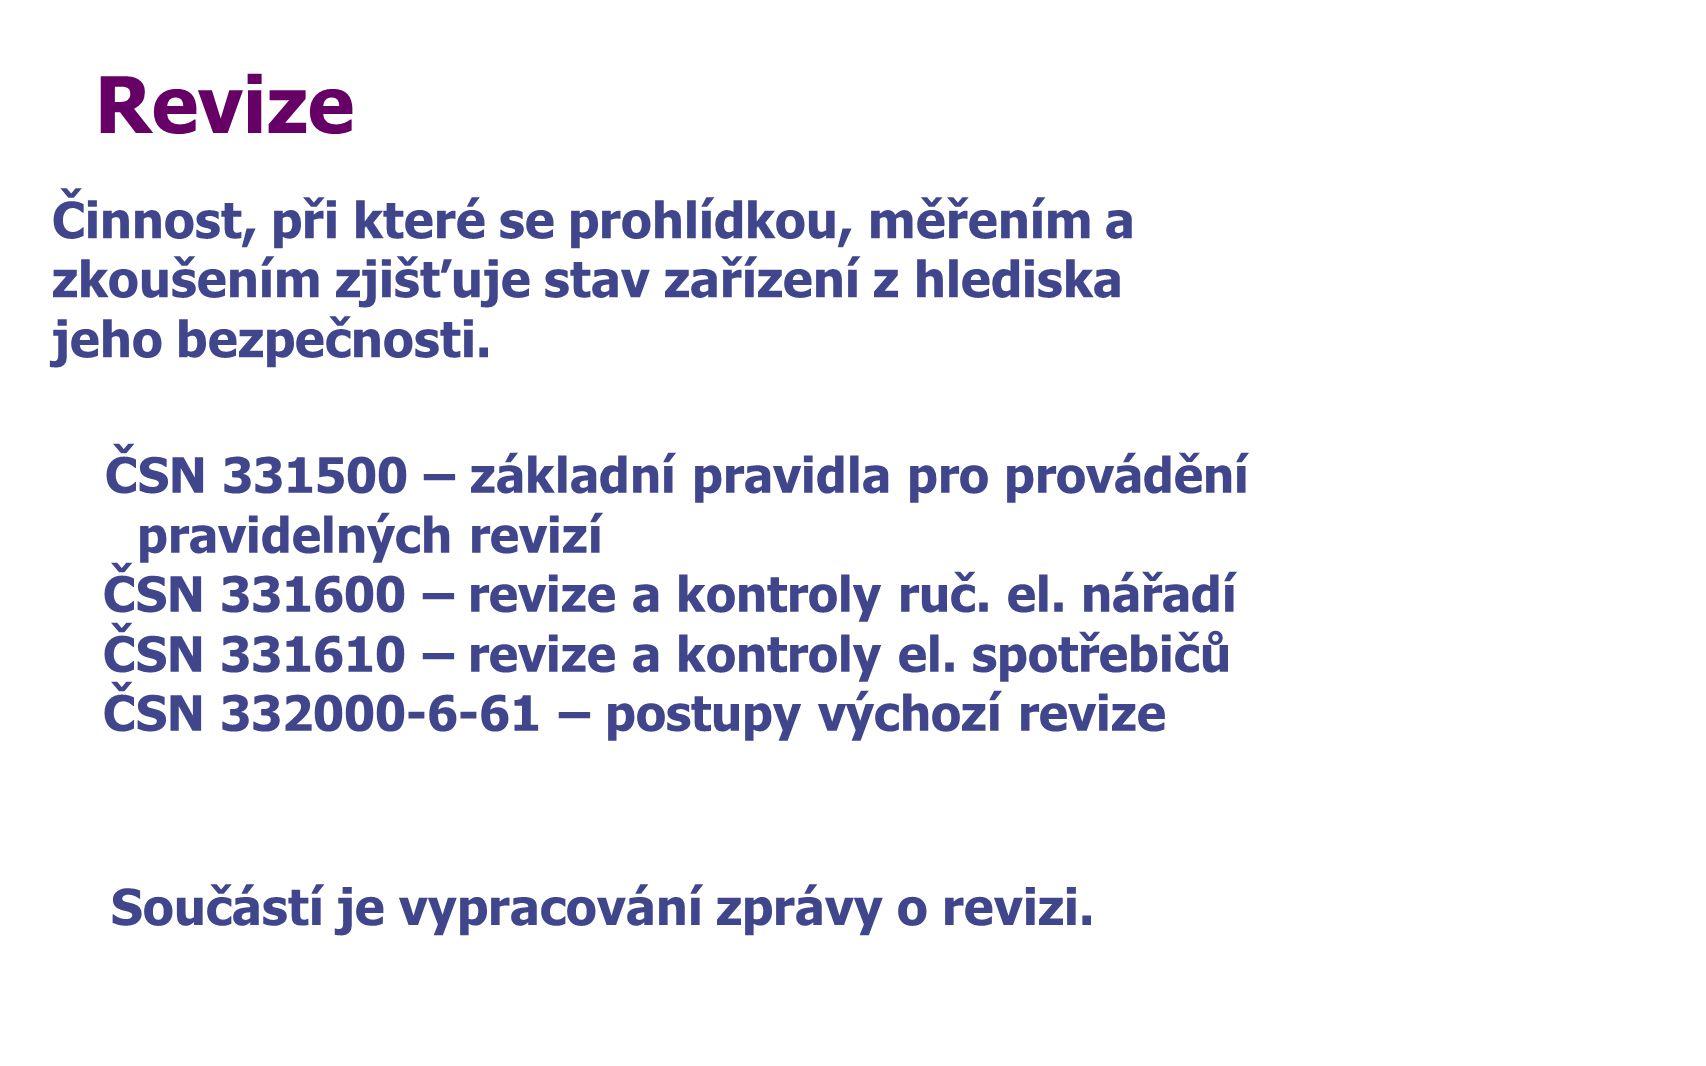 Revize ČSN 331500 – základní pravidla pro provádění pravidelných revizí ČSN 331600 – revize a kontroly ruč. el. nářadí ČSN 331610 – revize a kontroly